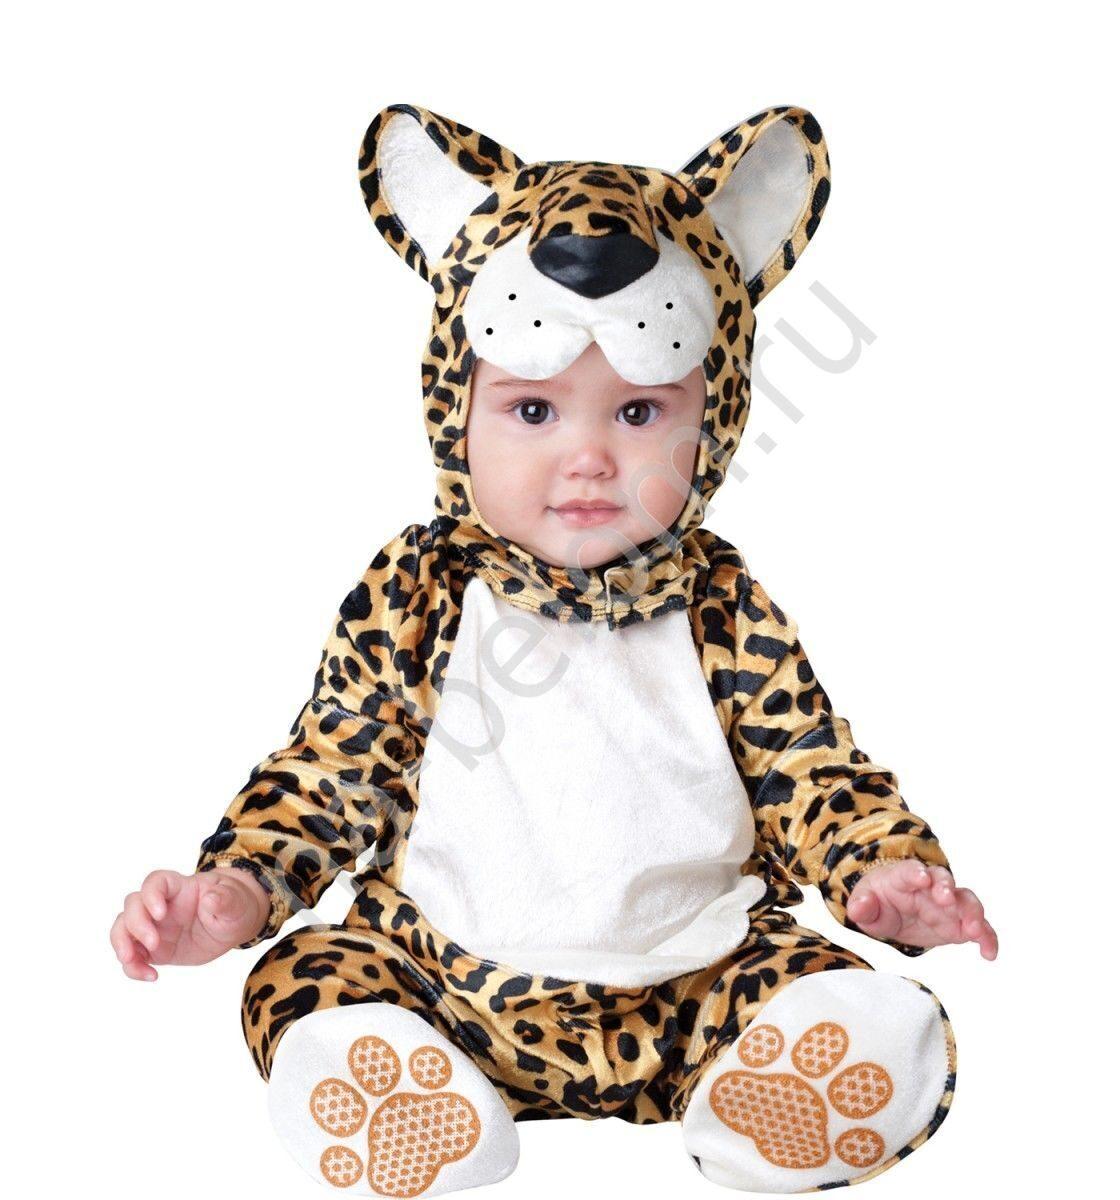 Ёлочная ватная игрушка малыш в костюме